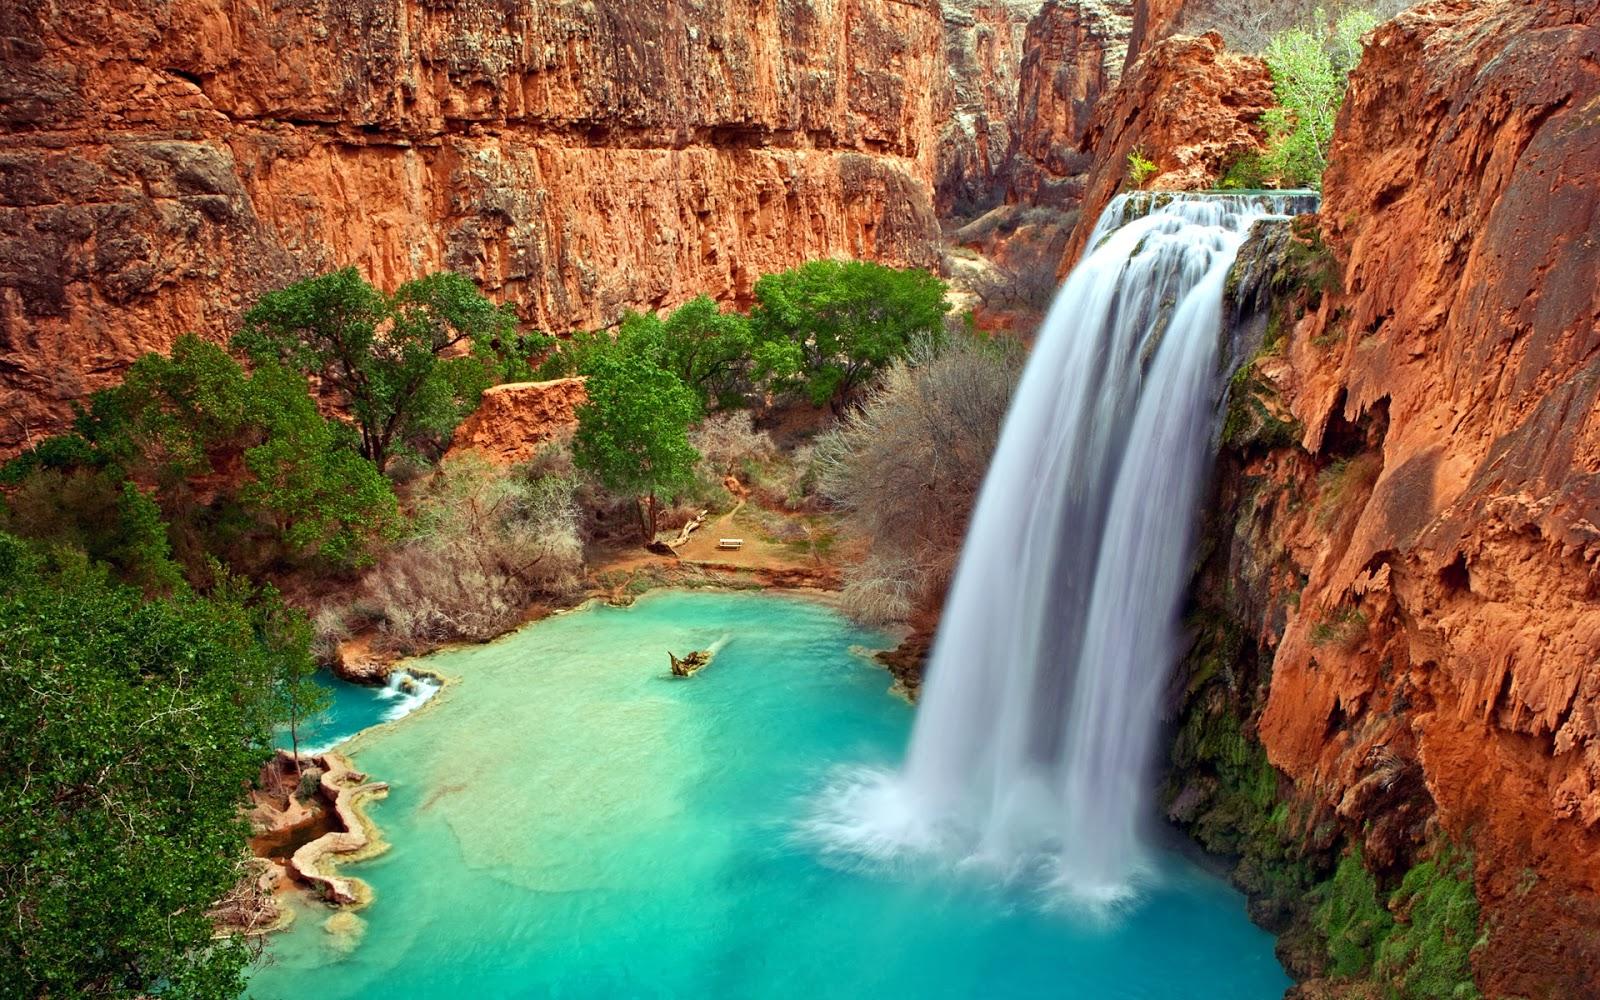 """<img src=""""http://1.bp.blogspot.com/-Gyw1815QCDg/UufTfxQXN3I/AAAAAAAAKik/CYziCJi2CZ4/s1600/waterfalls-wallpaper.jpg"""" alt=""""waterfalls wallpaper"""" />"""